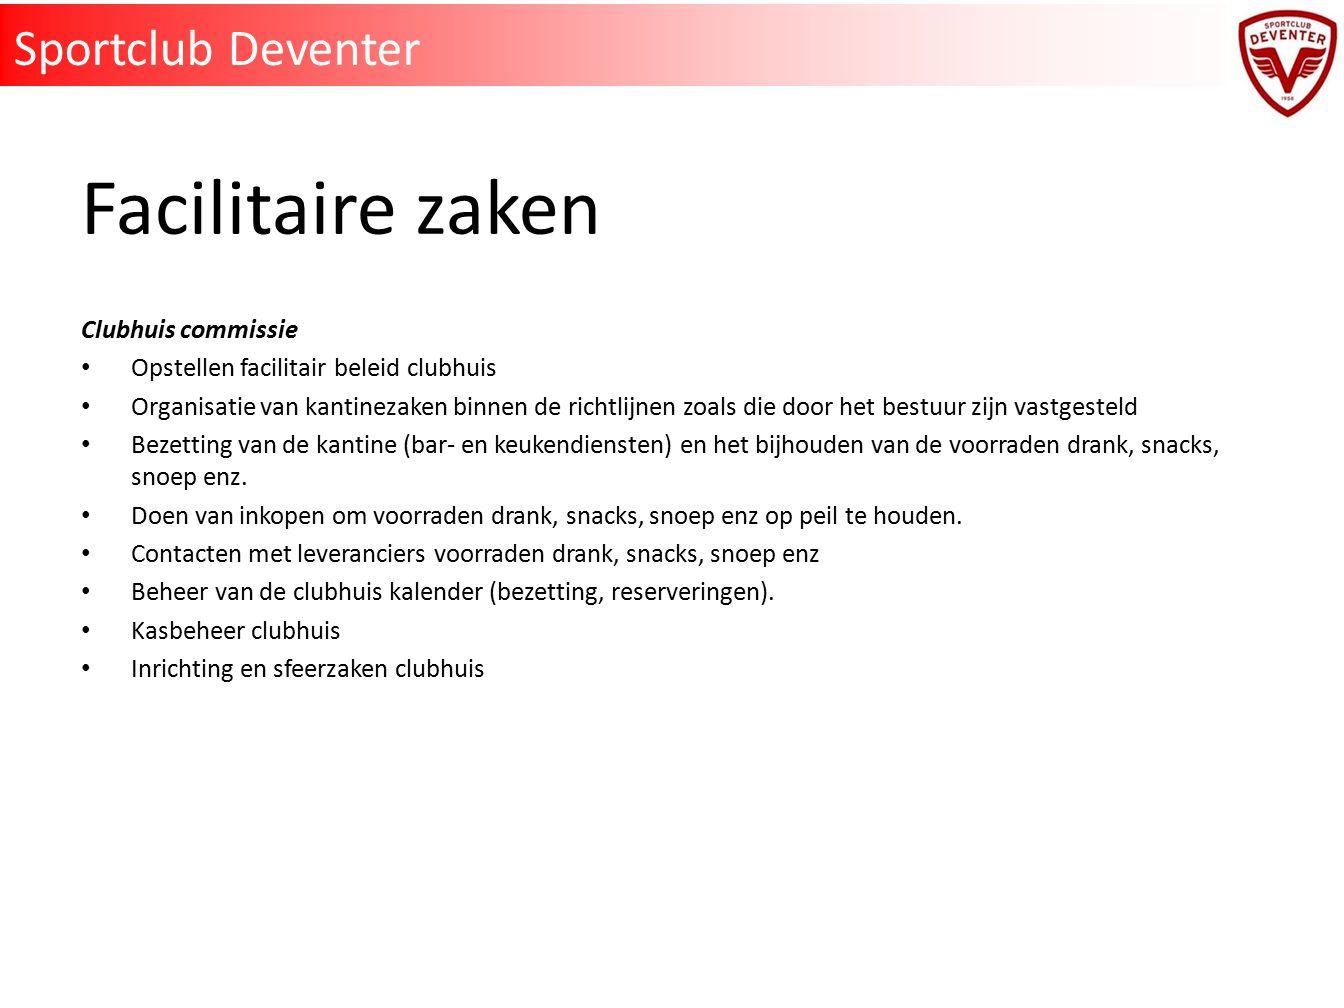 Facilitaire zaken Sportclub Deventer Clubhuis commissie